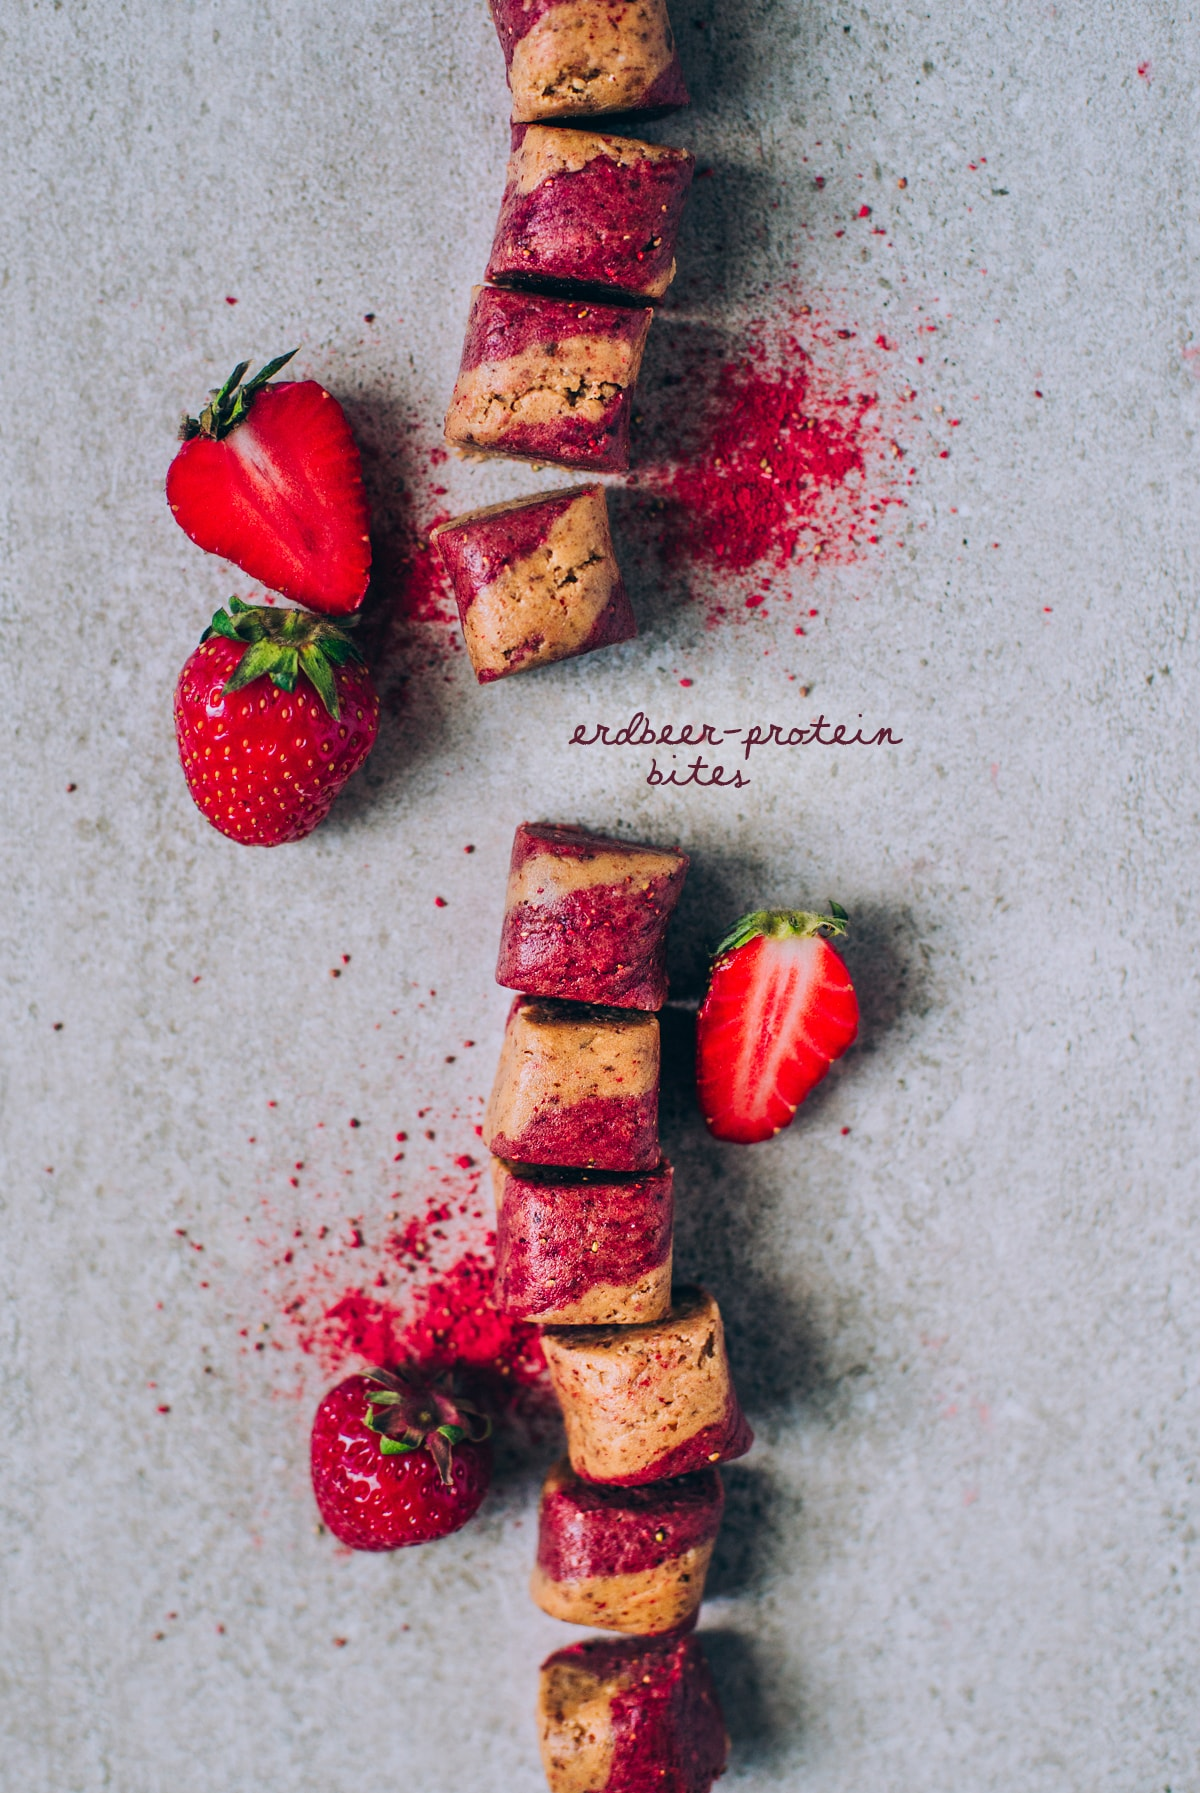 Fruchtige Erdbeer-Protein Bites - kleine Protein-Häppchen zum ...